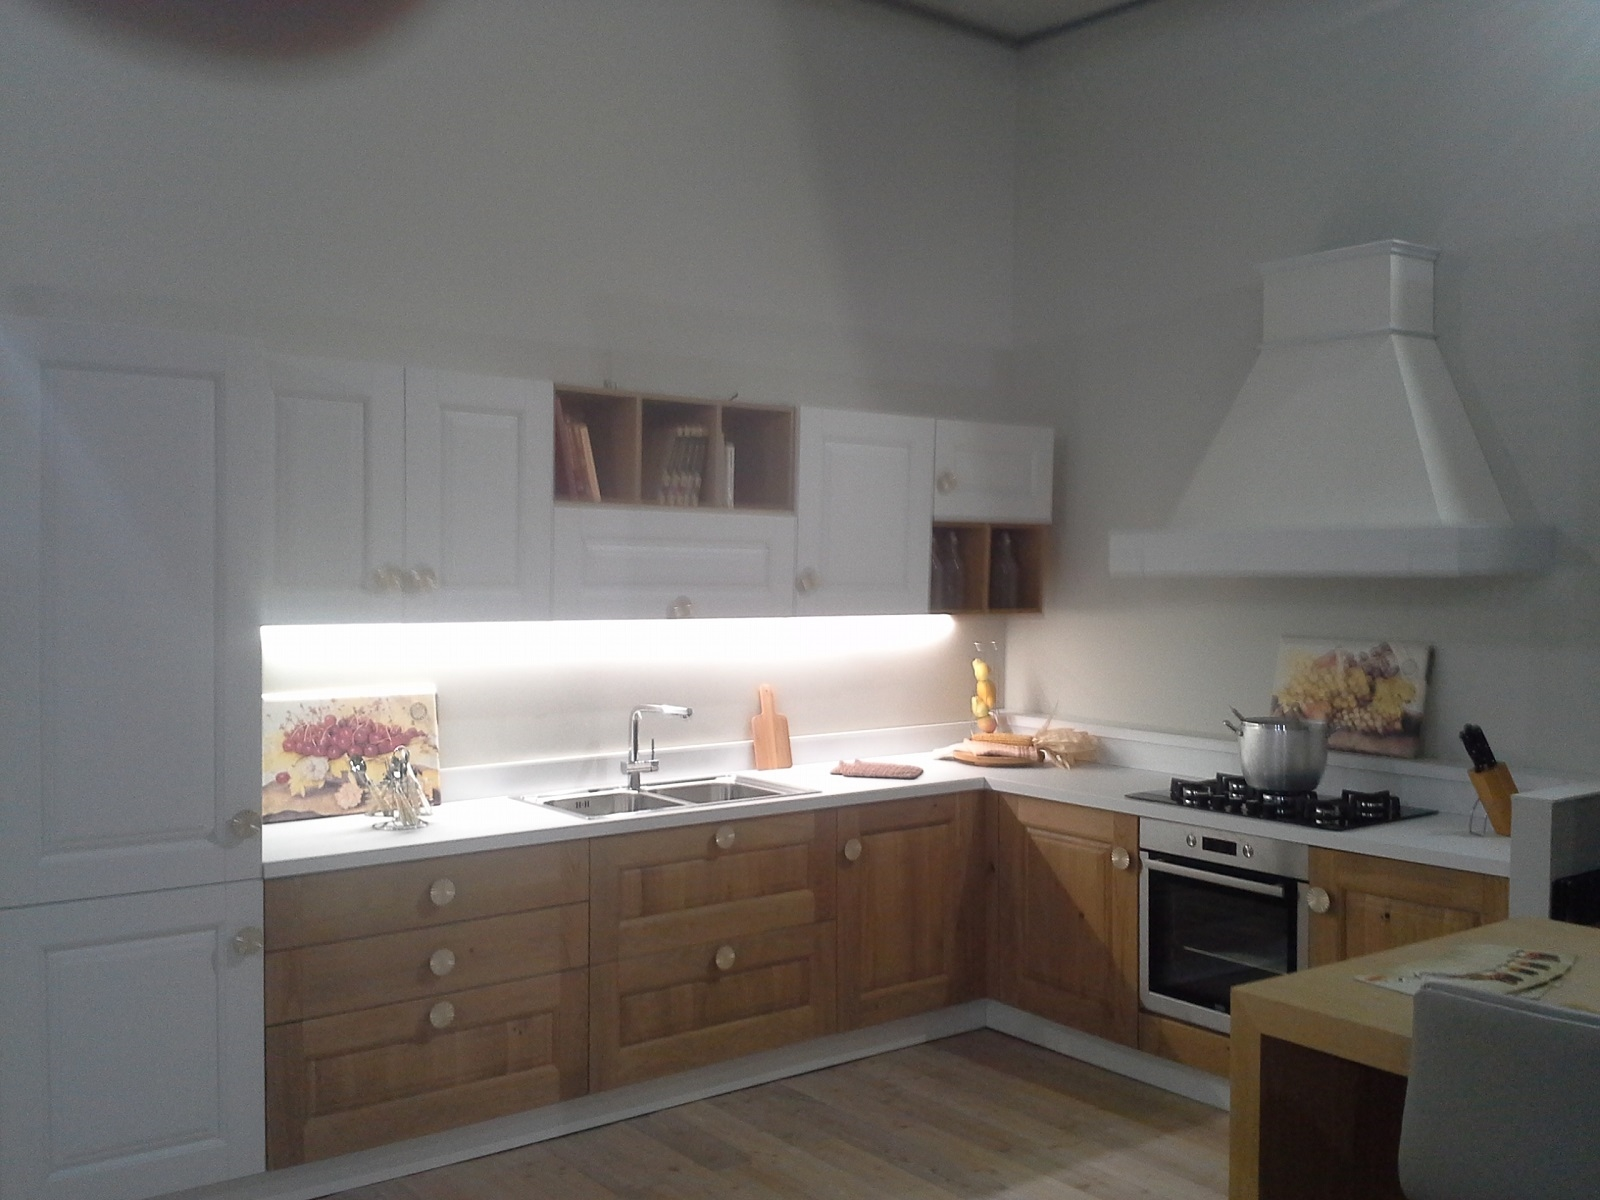 Cucina arrex carola scontato del 61 cucine a prezzi - Arrex cucine classiche ...